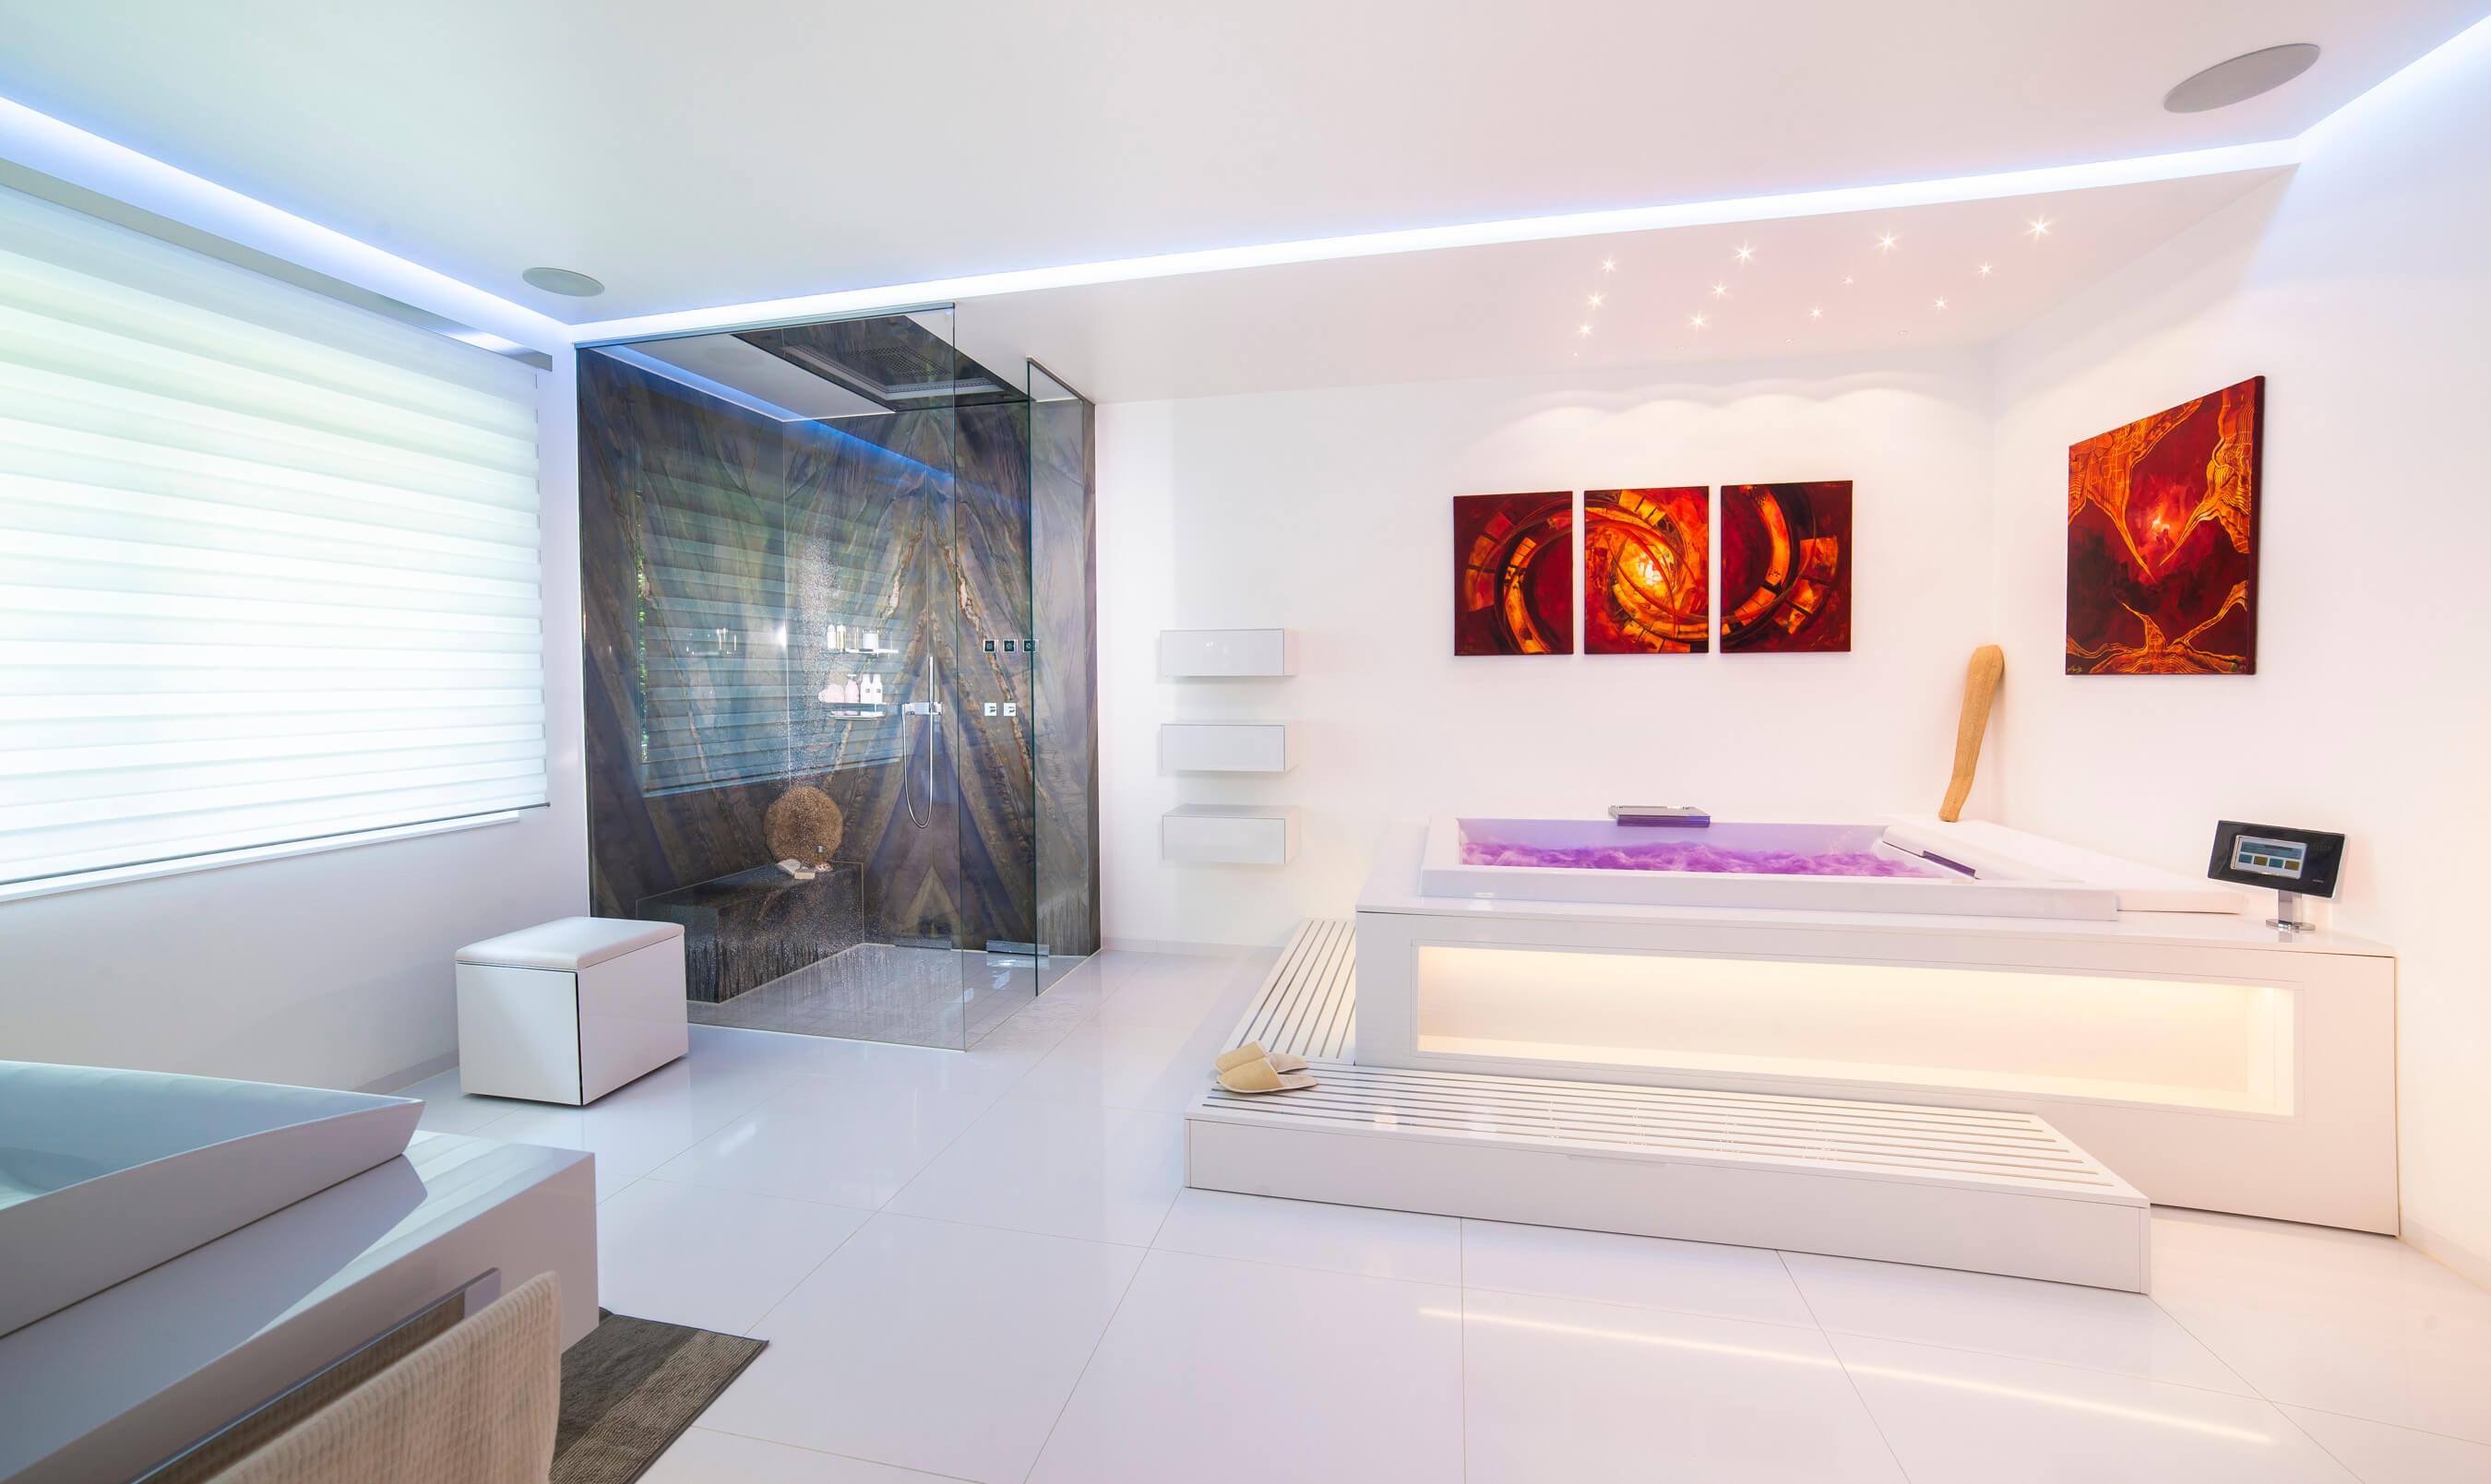 Luxusbäder Und Traumbäder TRAUMBAD Ein Traumbad Berührt Sie Emotional,  Wirkt Morgens Erfrischend Und Abends Entspannend